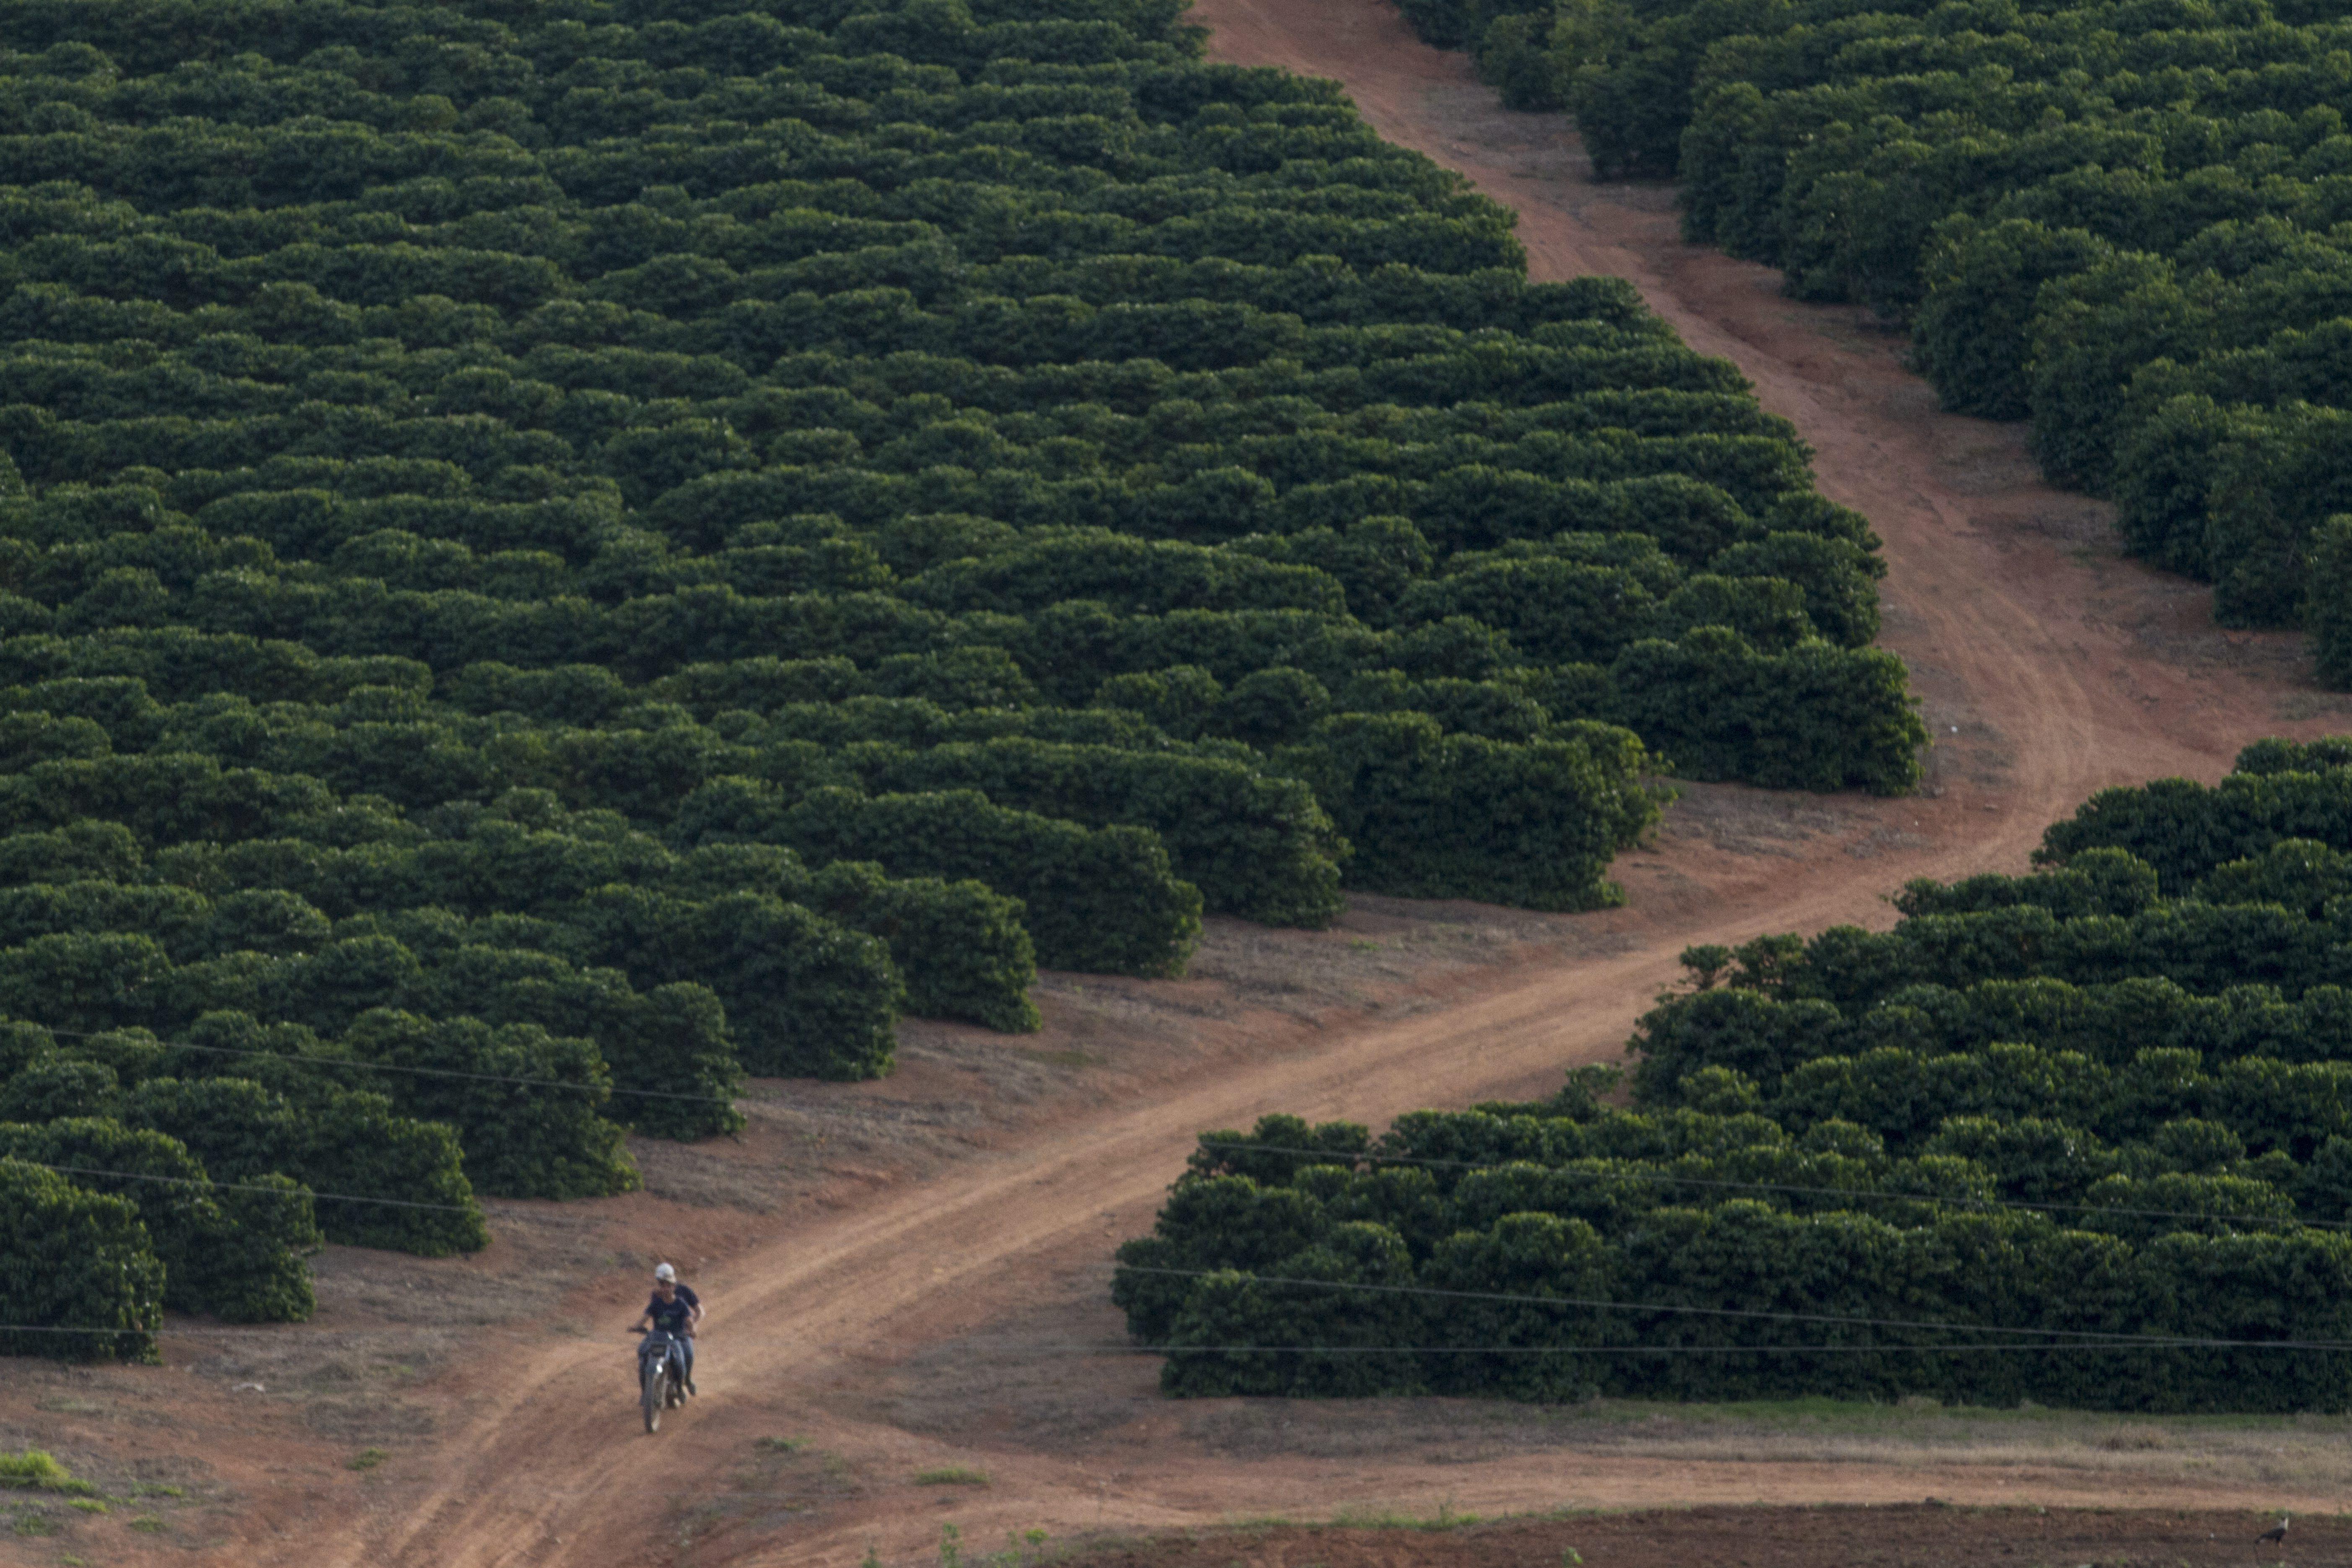 Cafezais do Espírito Santo sofreram com a seca por dois anos seguidos. (Foto: Rogerio Albuquerque / Editora Globo)